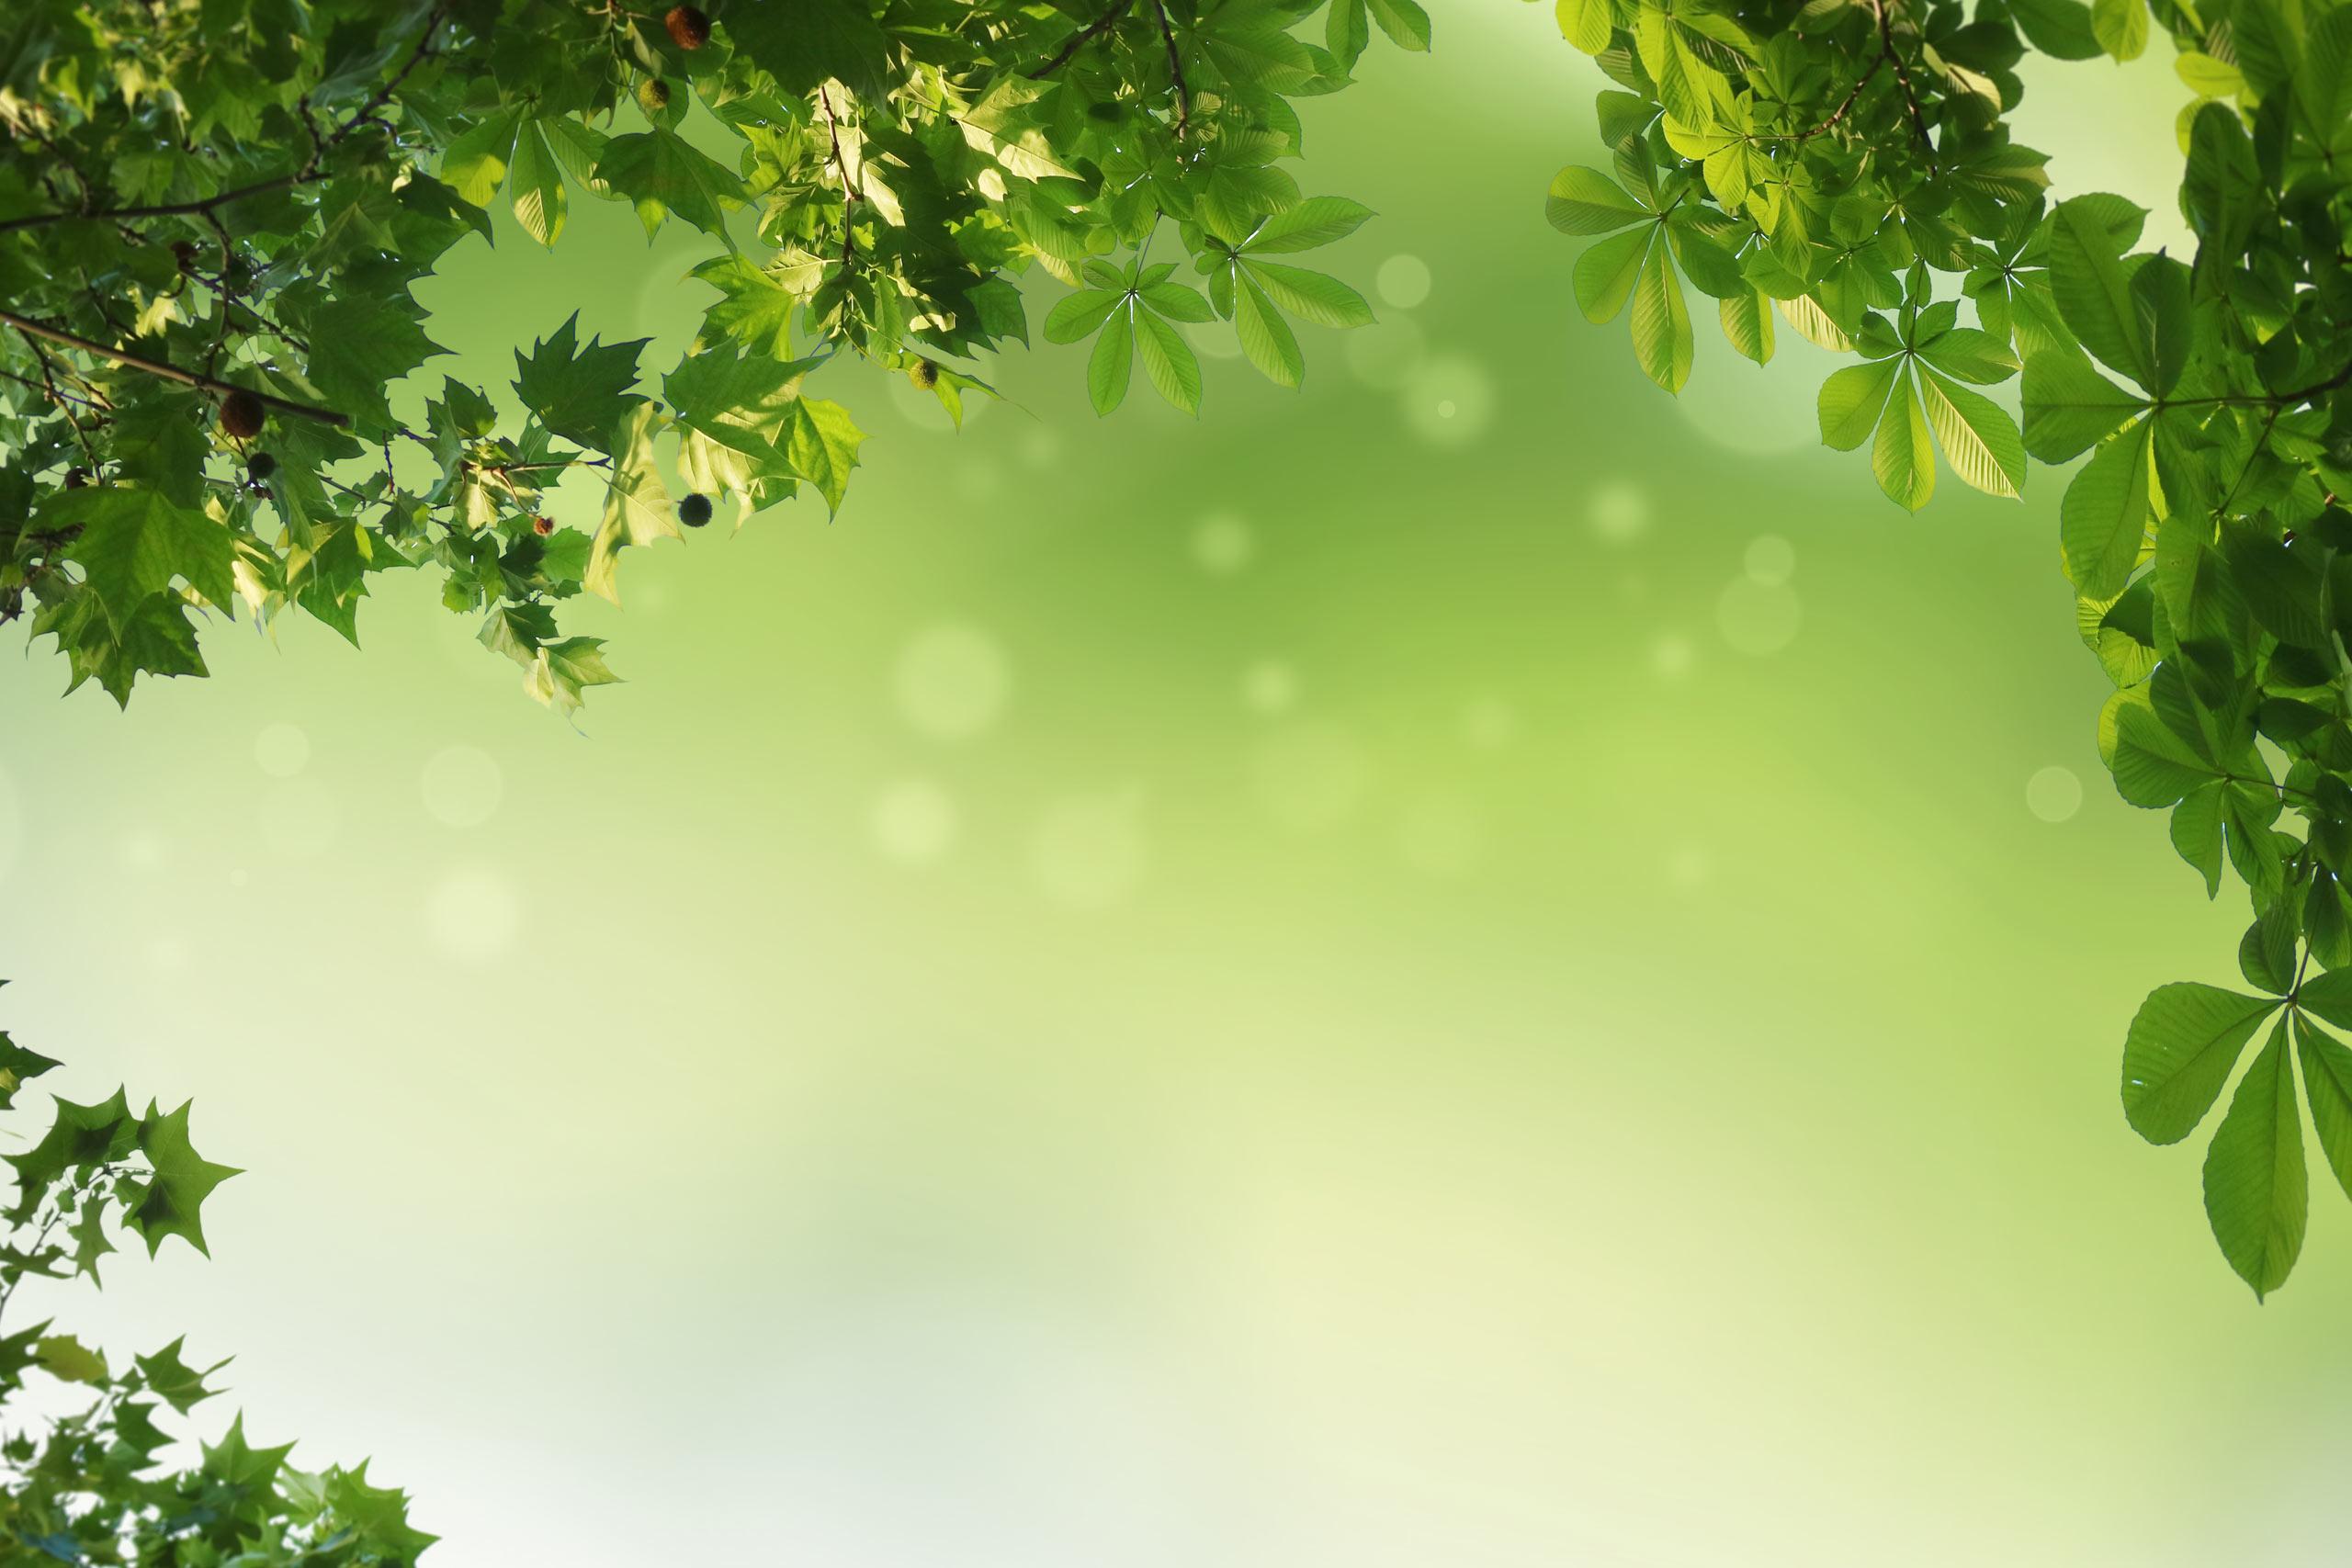 Зеленый фон с ветками и листьями дерева.